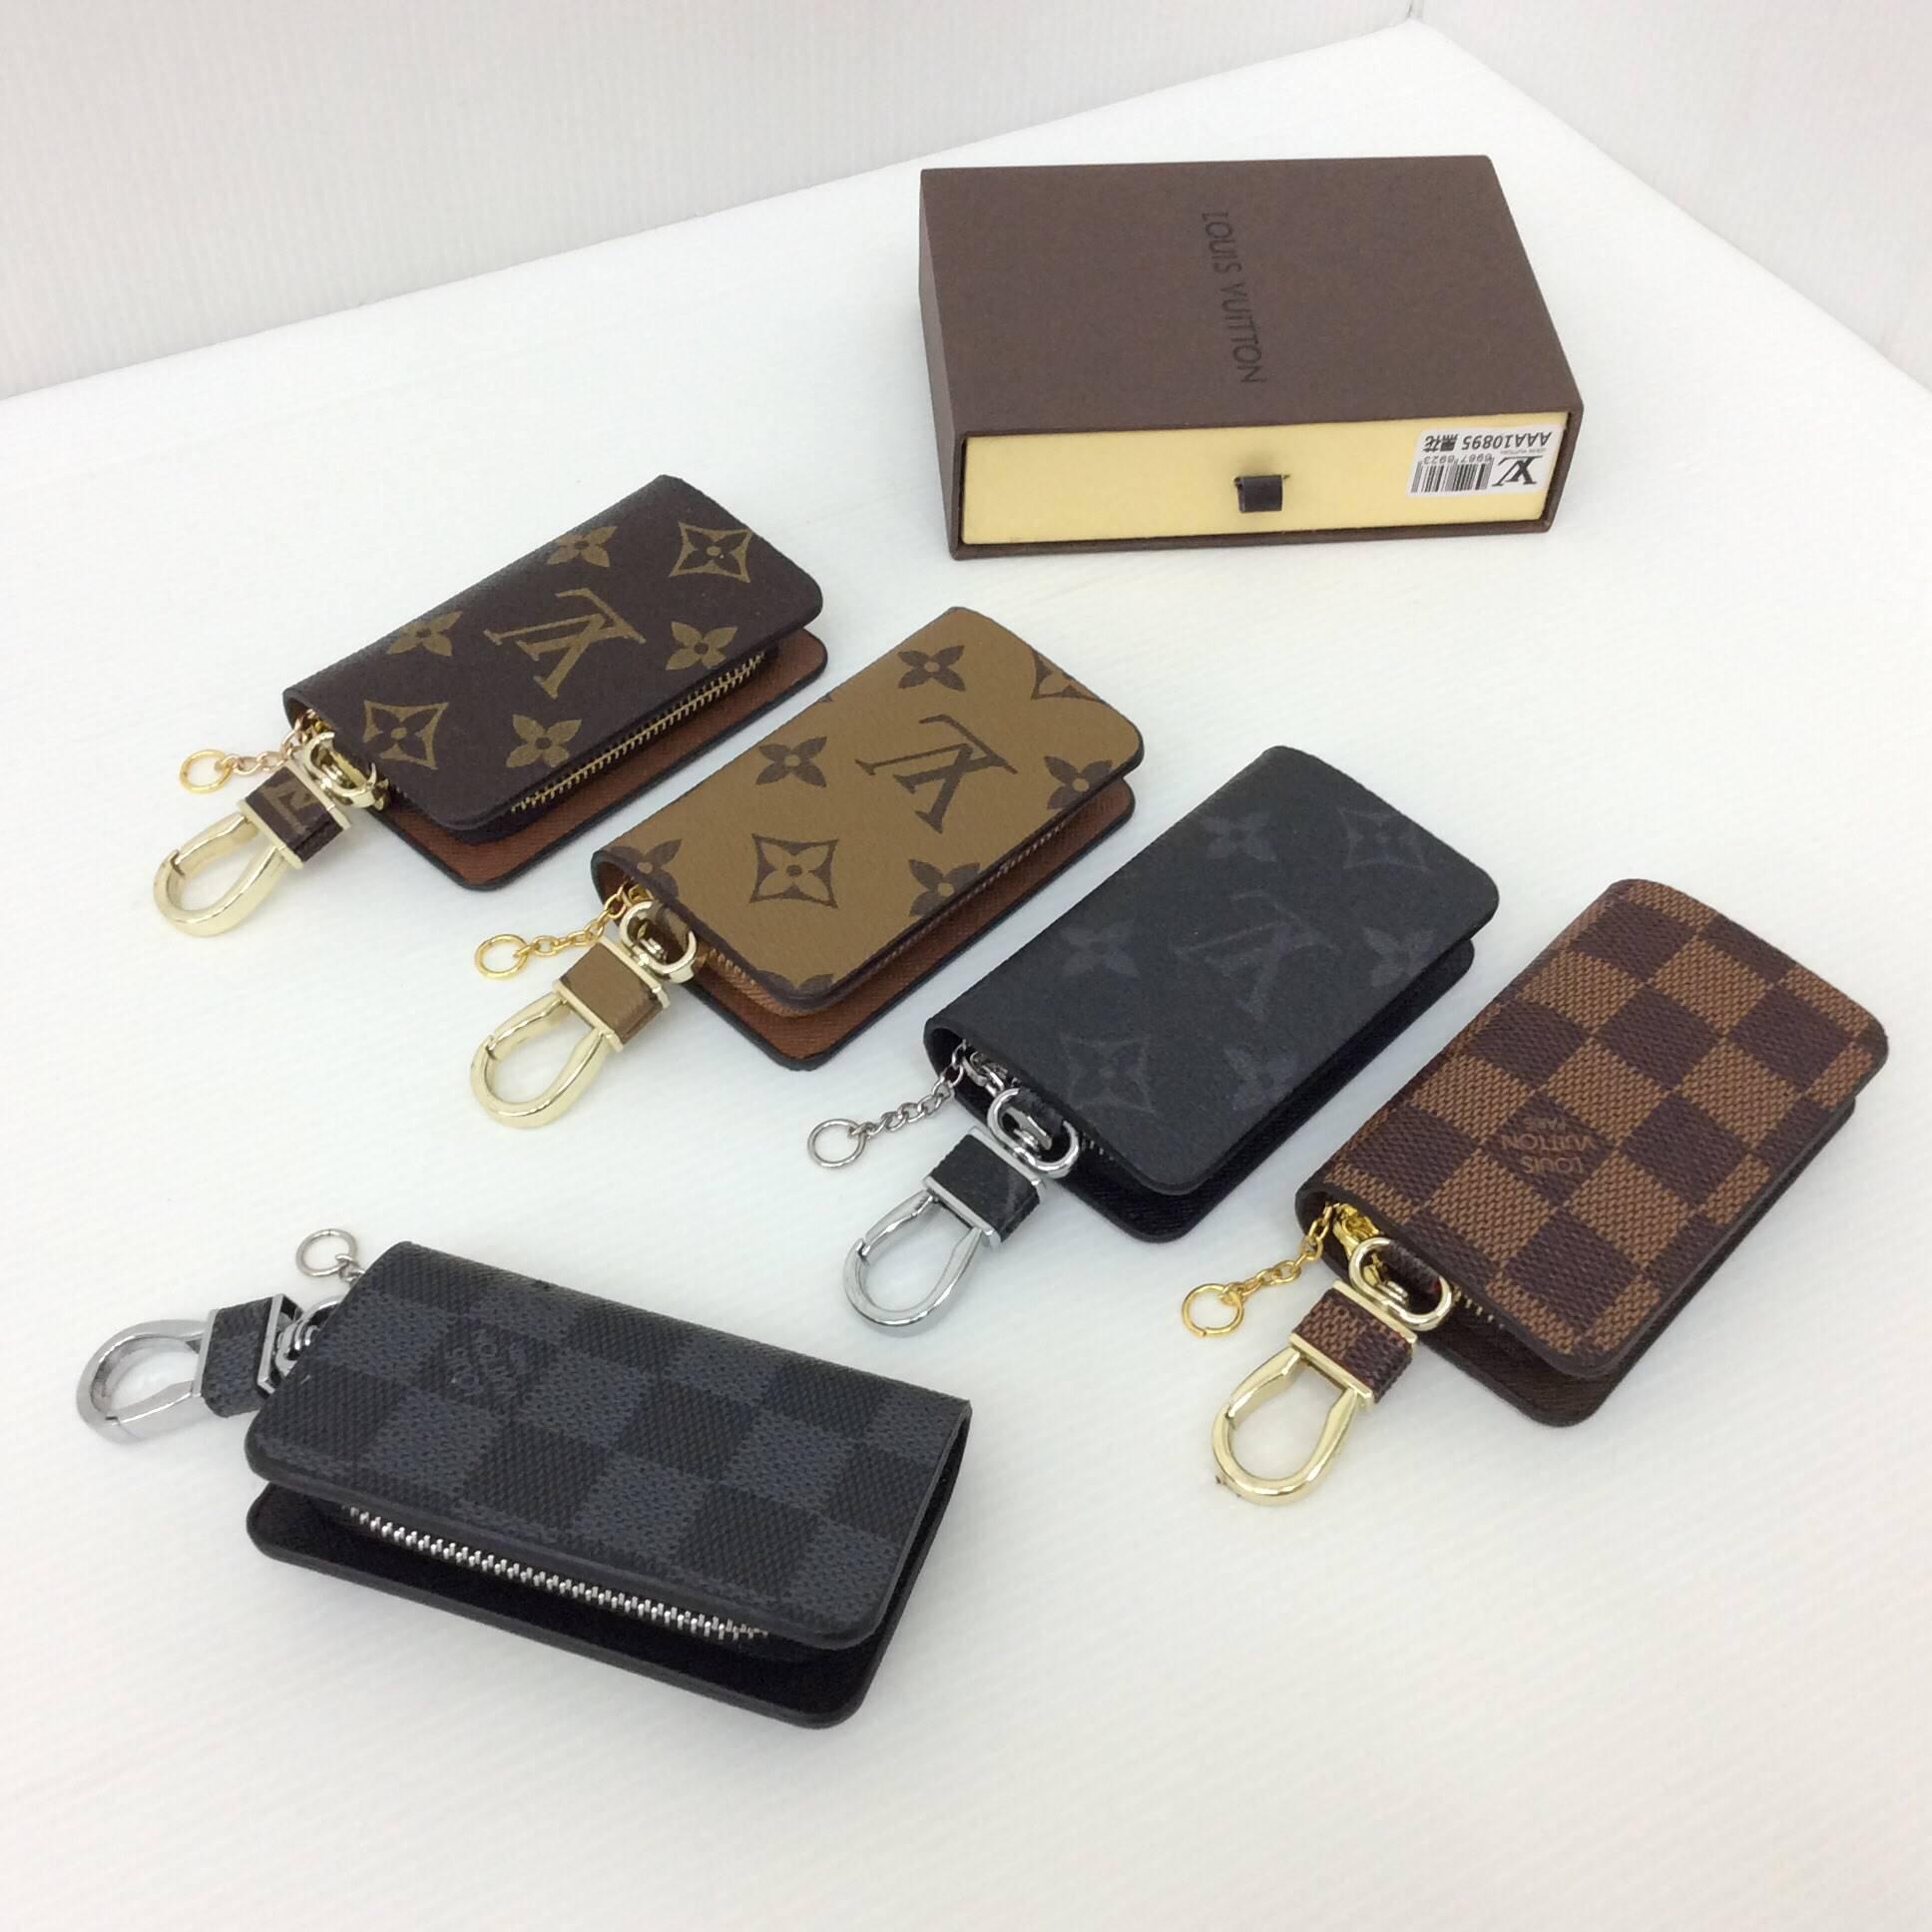 กระเป๋า กุญแจ Louis vuitton